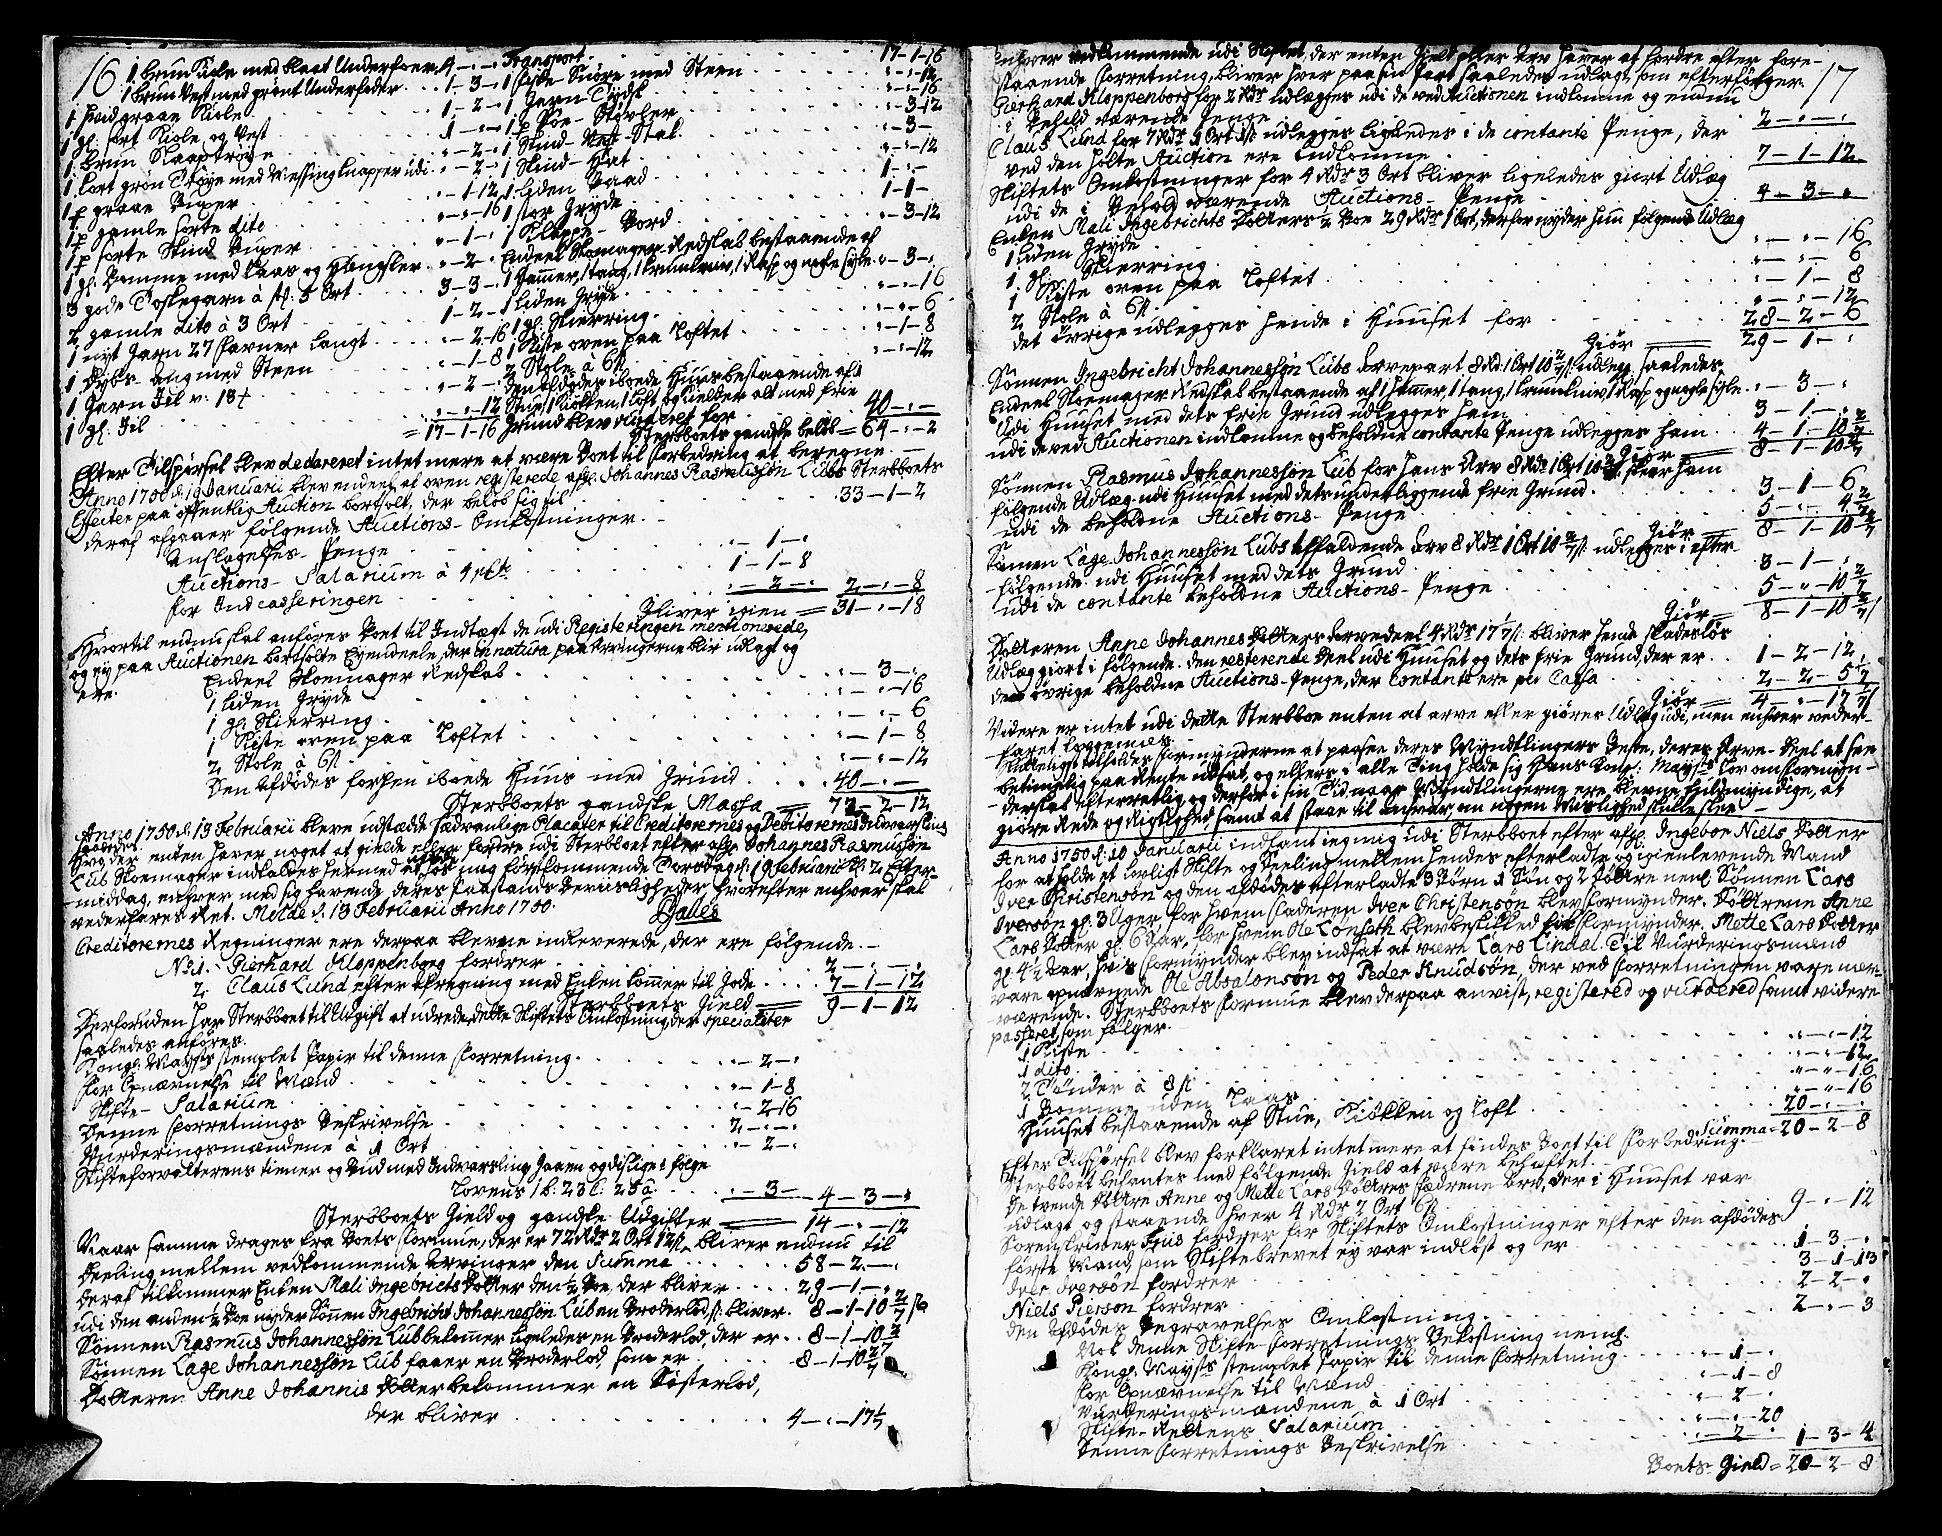 SAT, Molde byfogd, 3/3Aa/L0001: Skifteprotokoll, 1748-1768, s. 16-17